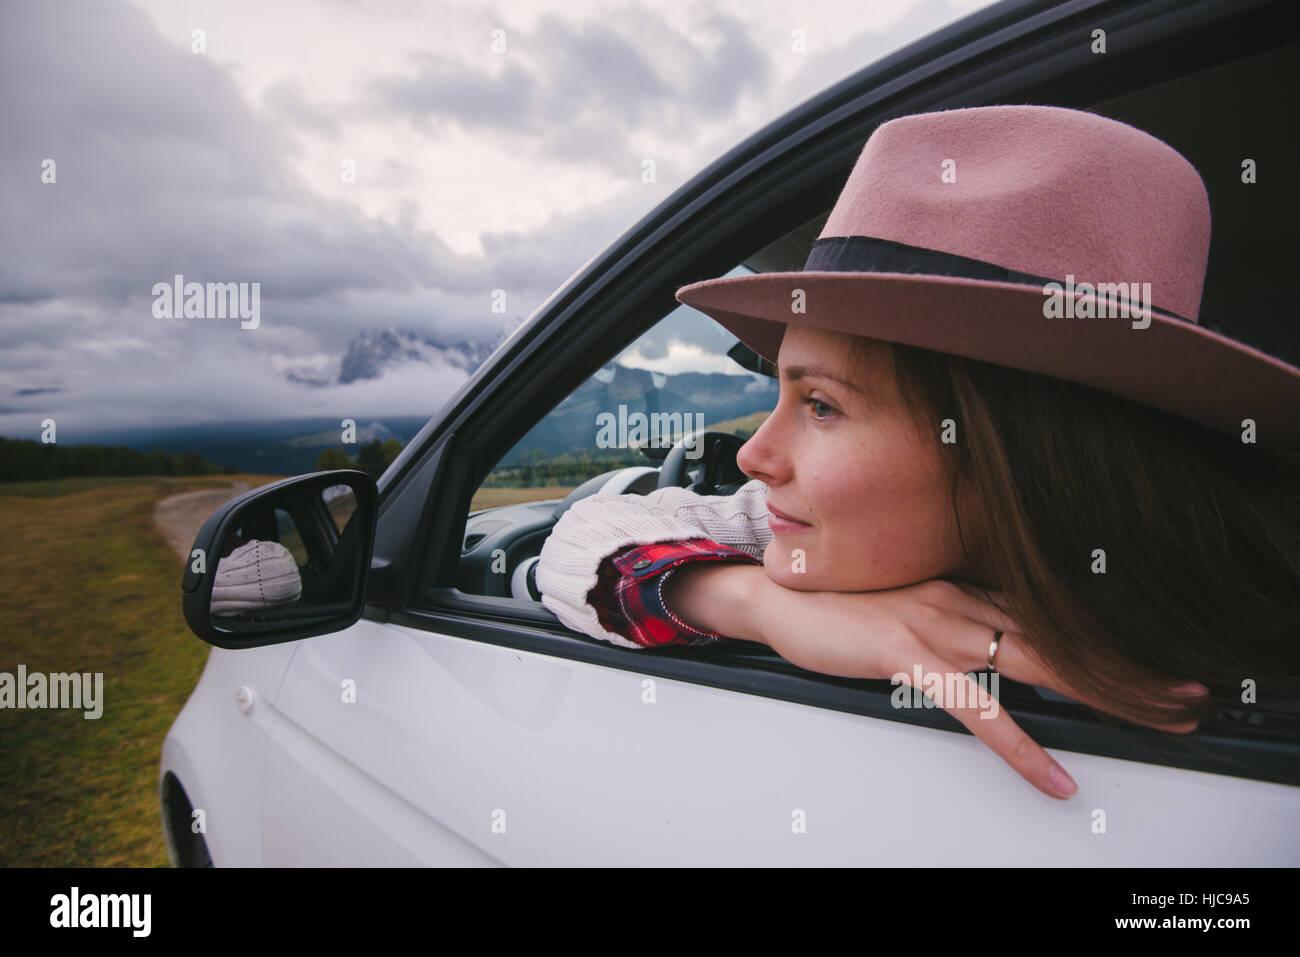 Mujer de asomarse a la ventana de coche Imagen De Stock